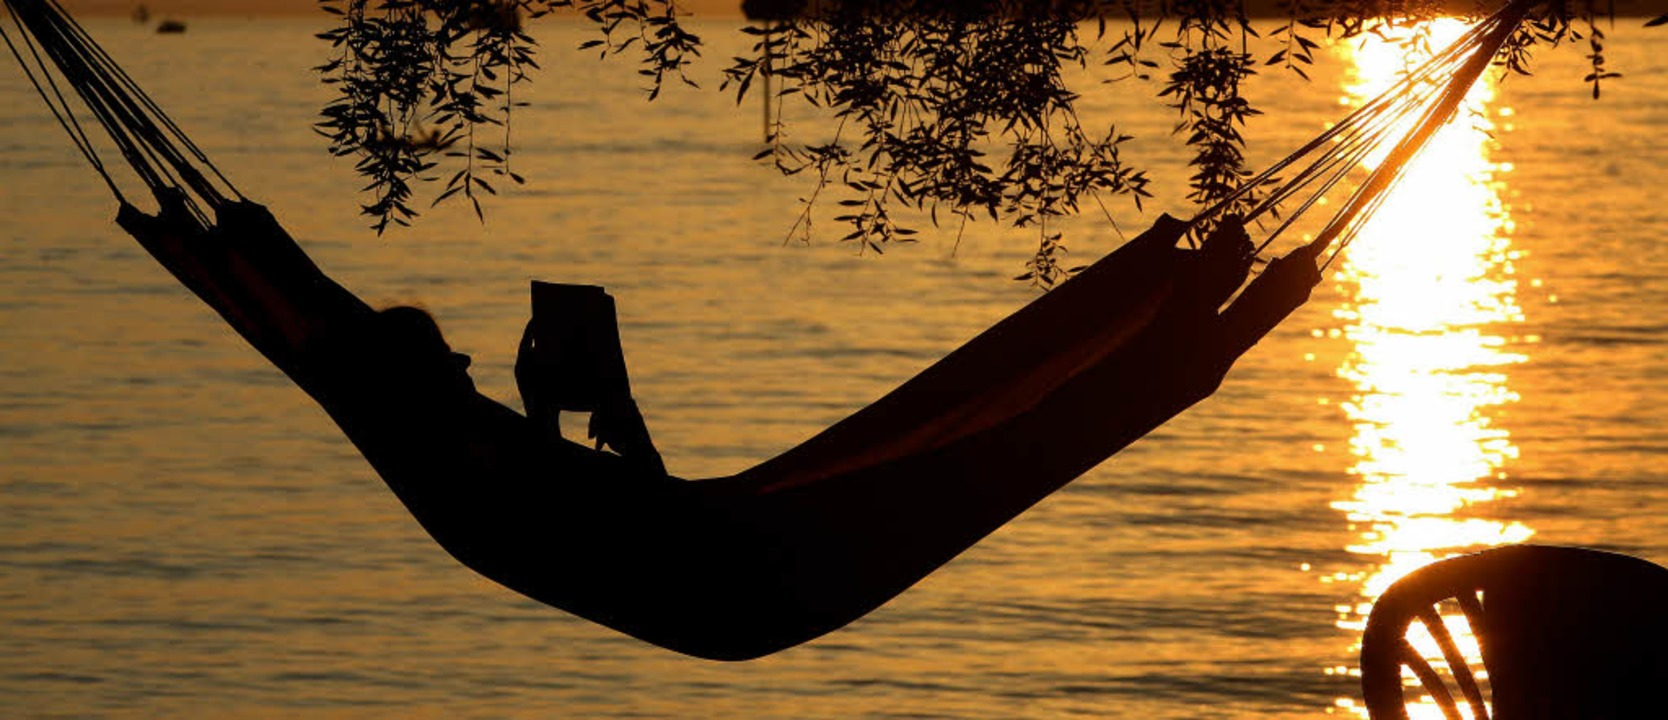 festivitas mulhouse der duft des sommers freizeittipps badische zeitung. Black Bedroom Furniture Sets. Home Design Ideas